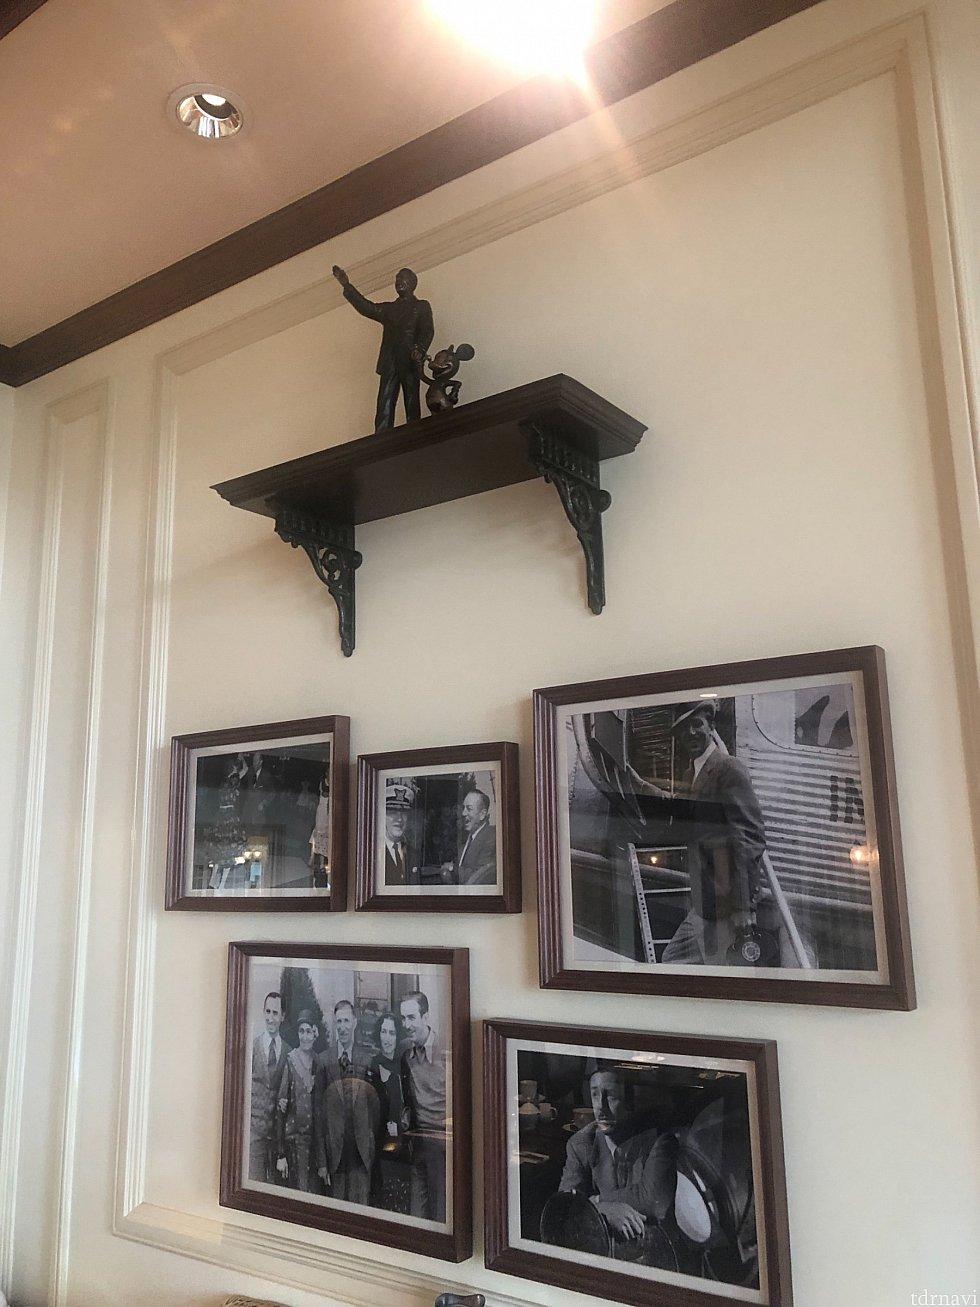 ウォルトの想い出の写真が店内にはいっぱいに飾られています。